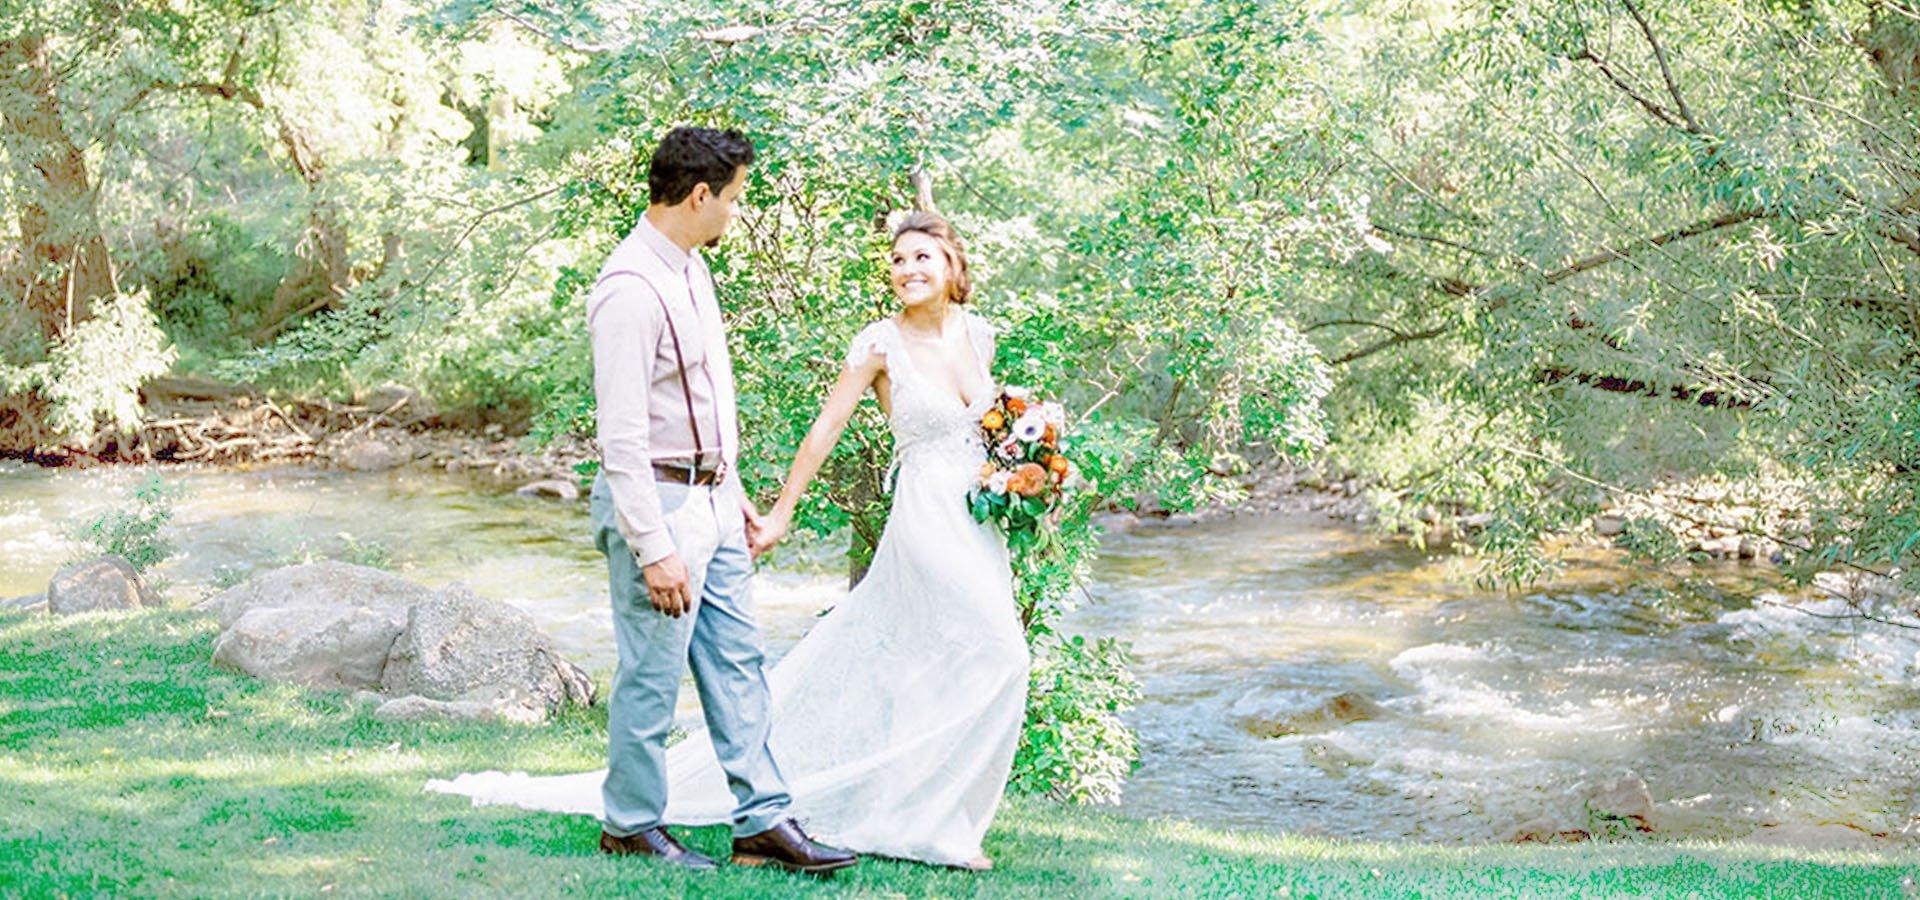 Boulder Creek Creates Smiles - Wedgewood Weddings